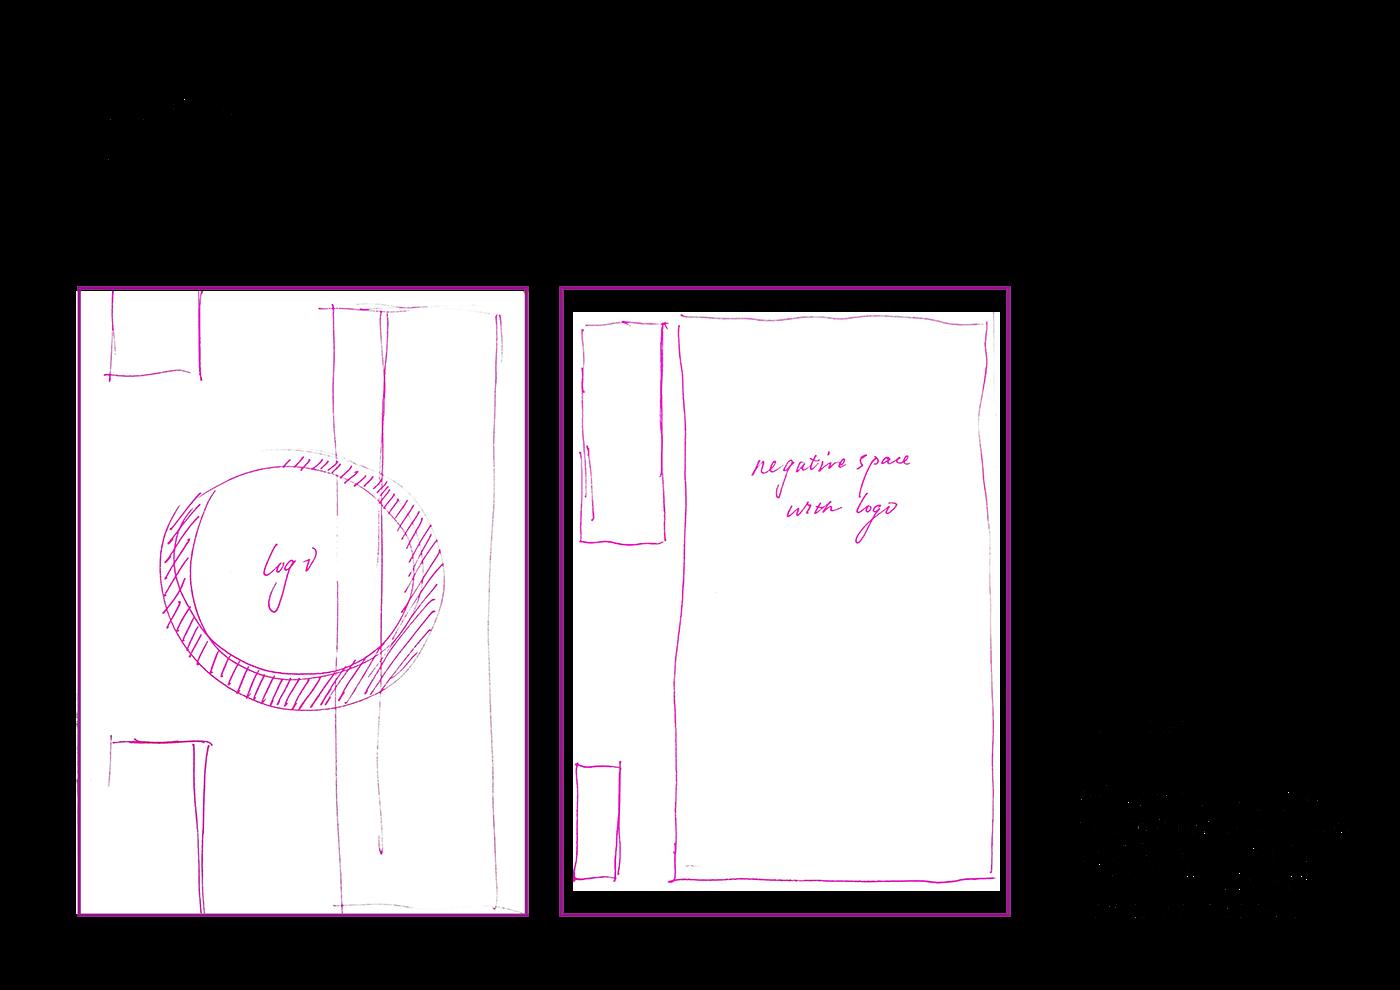 Image may contain: monitor, handwriting and drawing